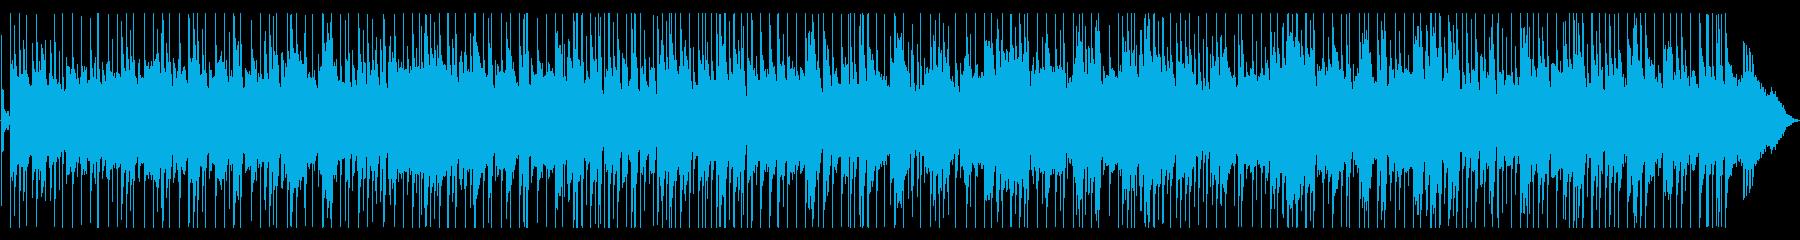 ねっとりしたスローバラードの再生済みの波形